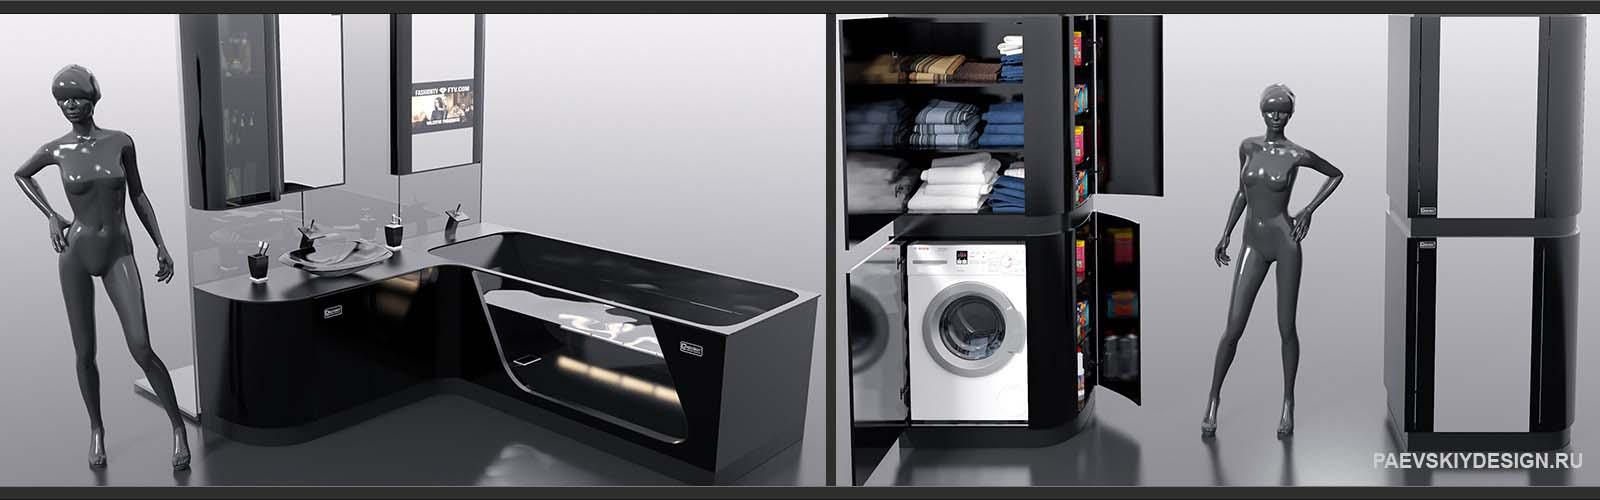 Авторская мебель для ванной FLEXURE - BLACK DIAMOND